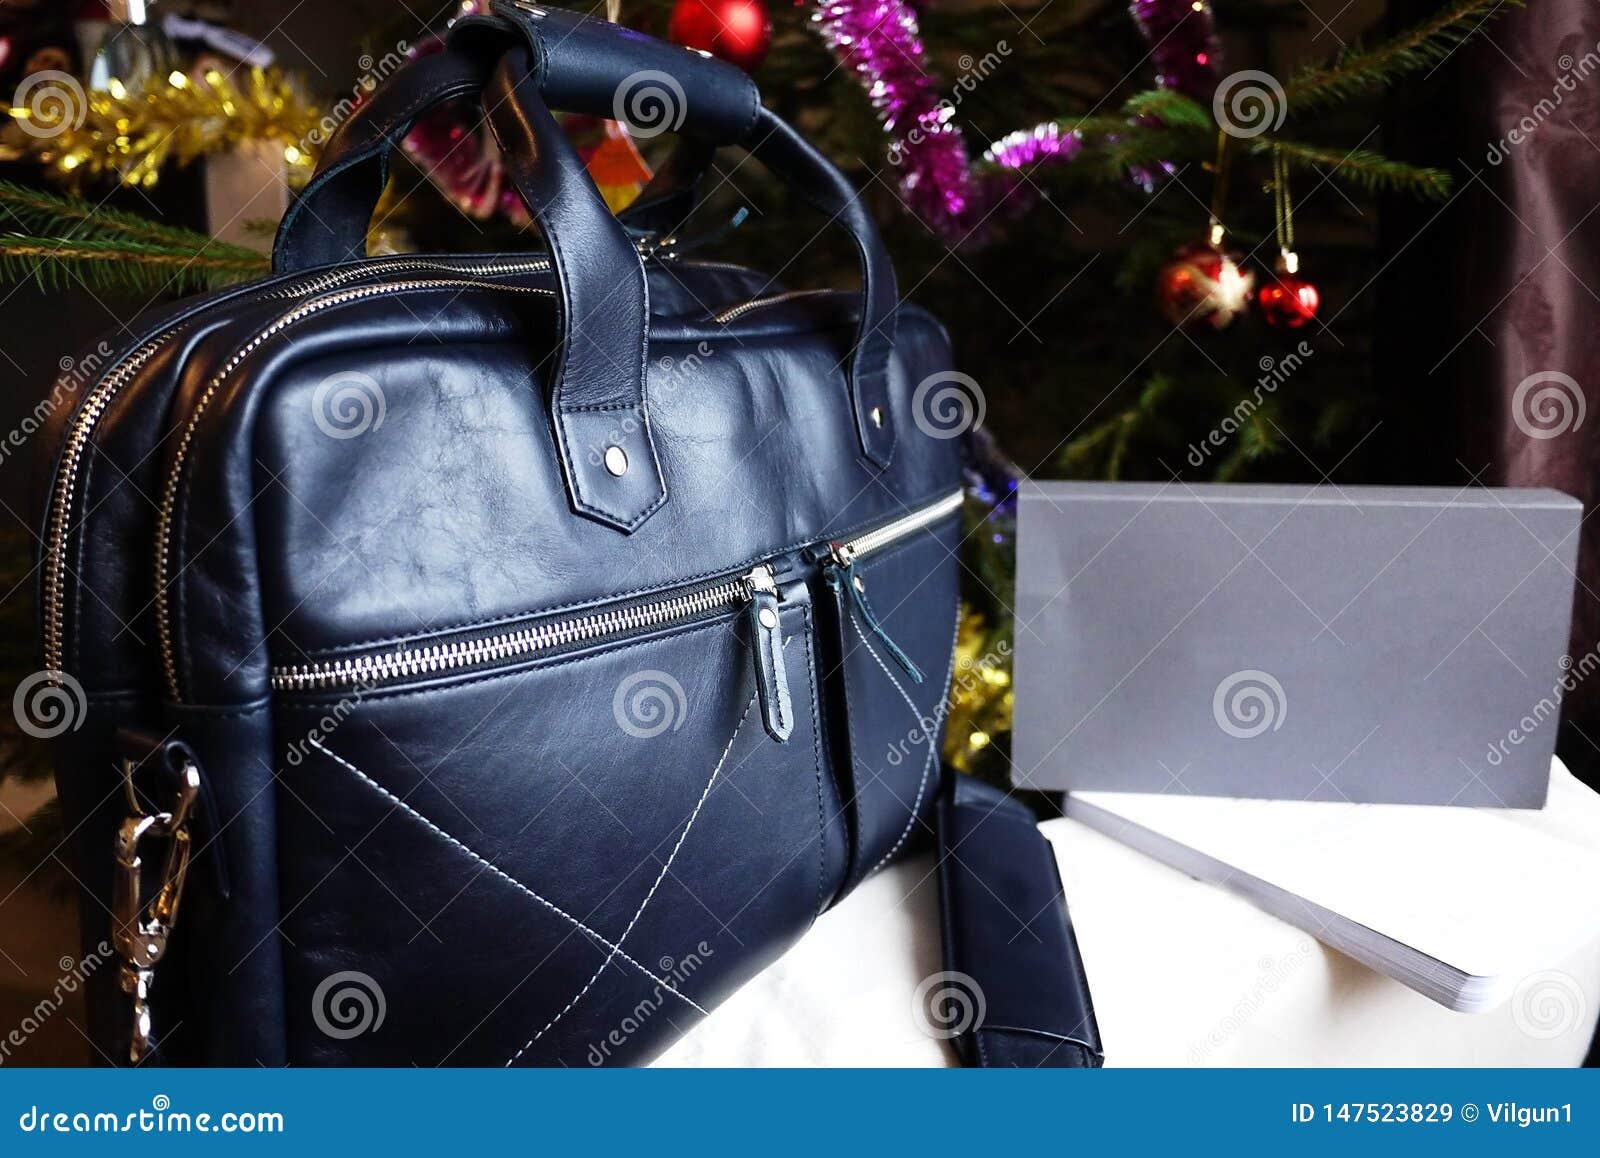 Grand sac fait de cuir v?ritable Pour des affaires, des vacances et tout autre stockage de vos documents ?l?gant, beau, cher